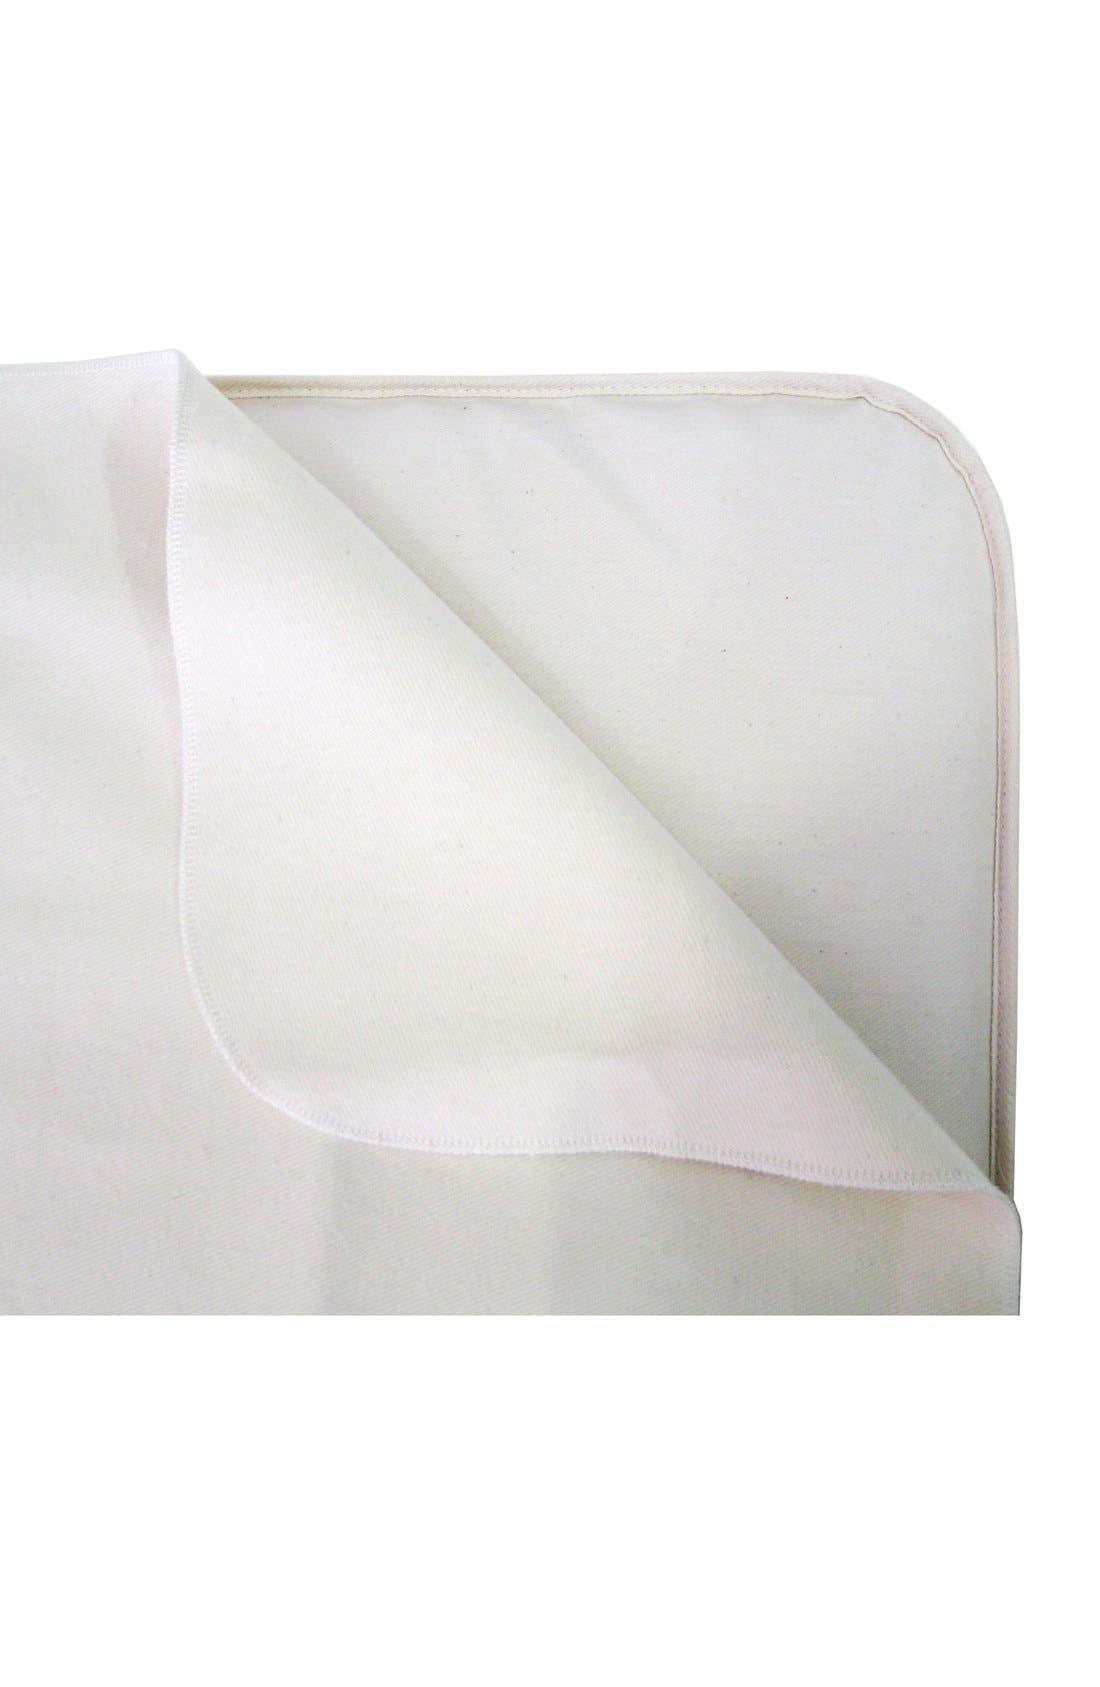 Organic Cotton Waterproof Flat Crib Protector Pad,                         Main,                         color, Natural